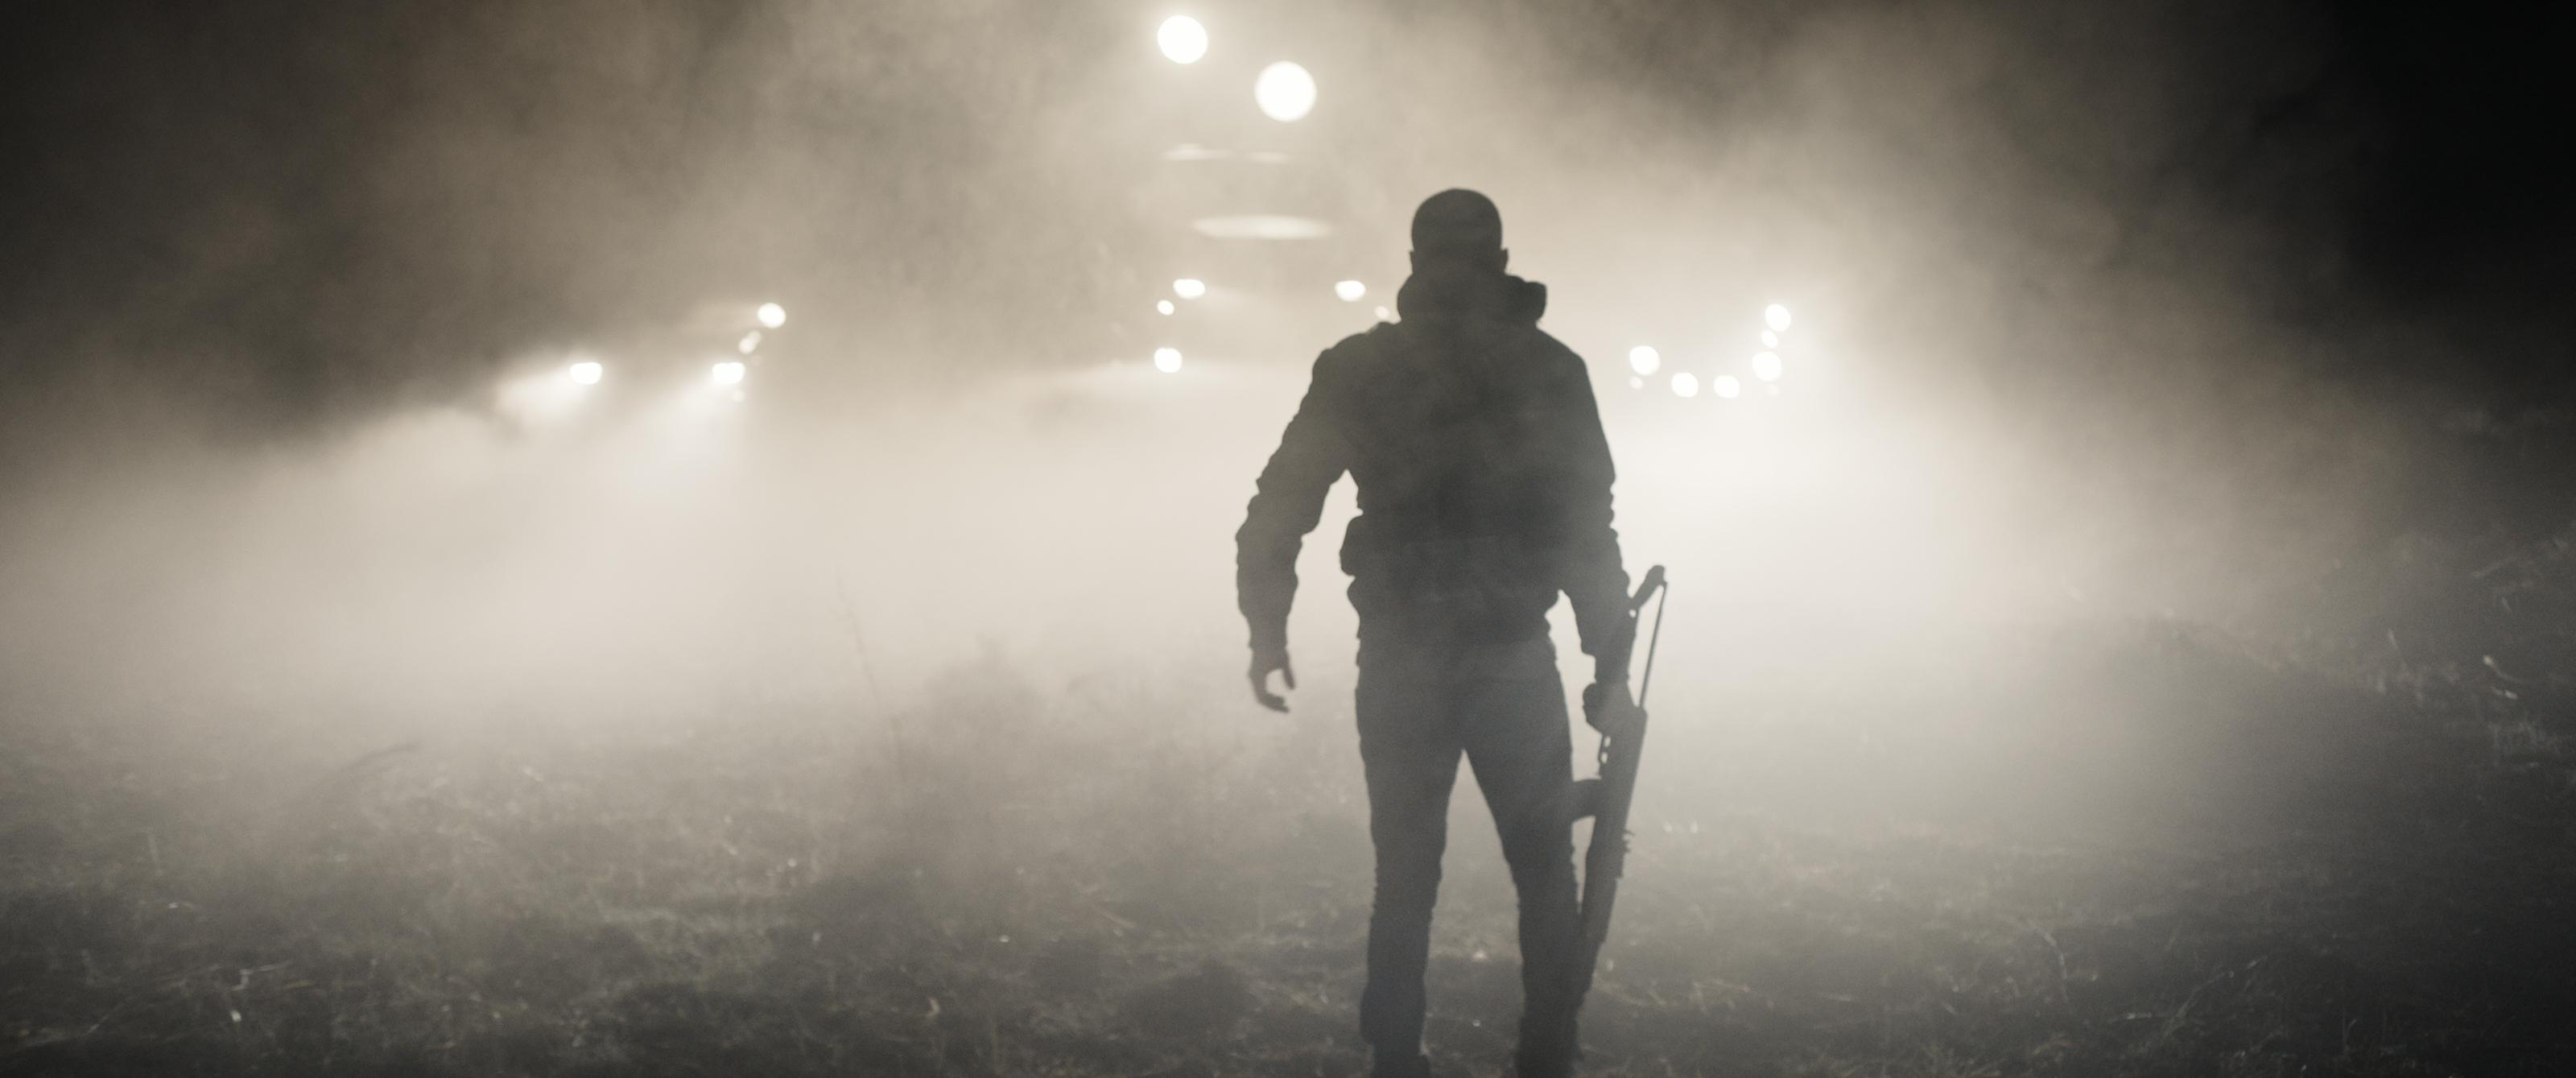 """Still from the film """"The Accidental Rebel"""" (""""Nur ein Augenblick""""). Director: Randa Chahoud, Cinematographer: Sören Schulz"""